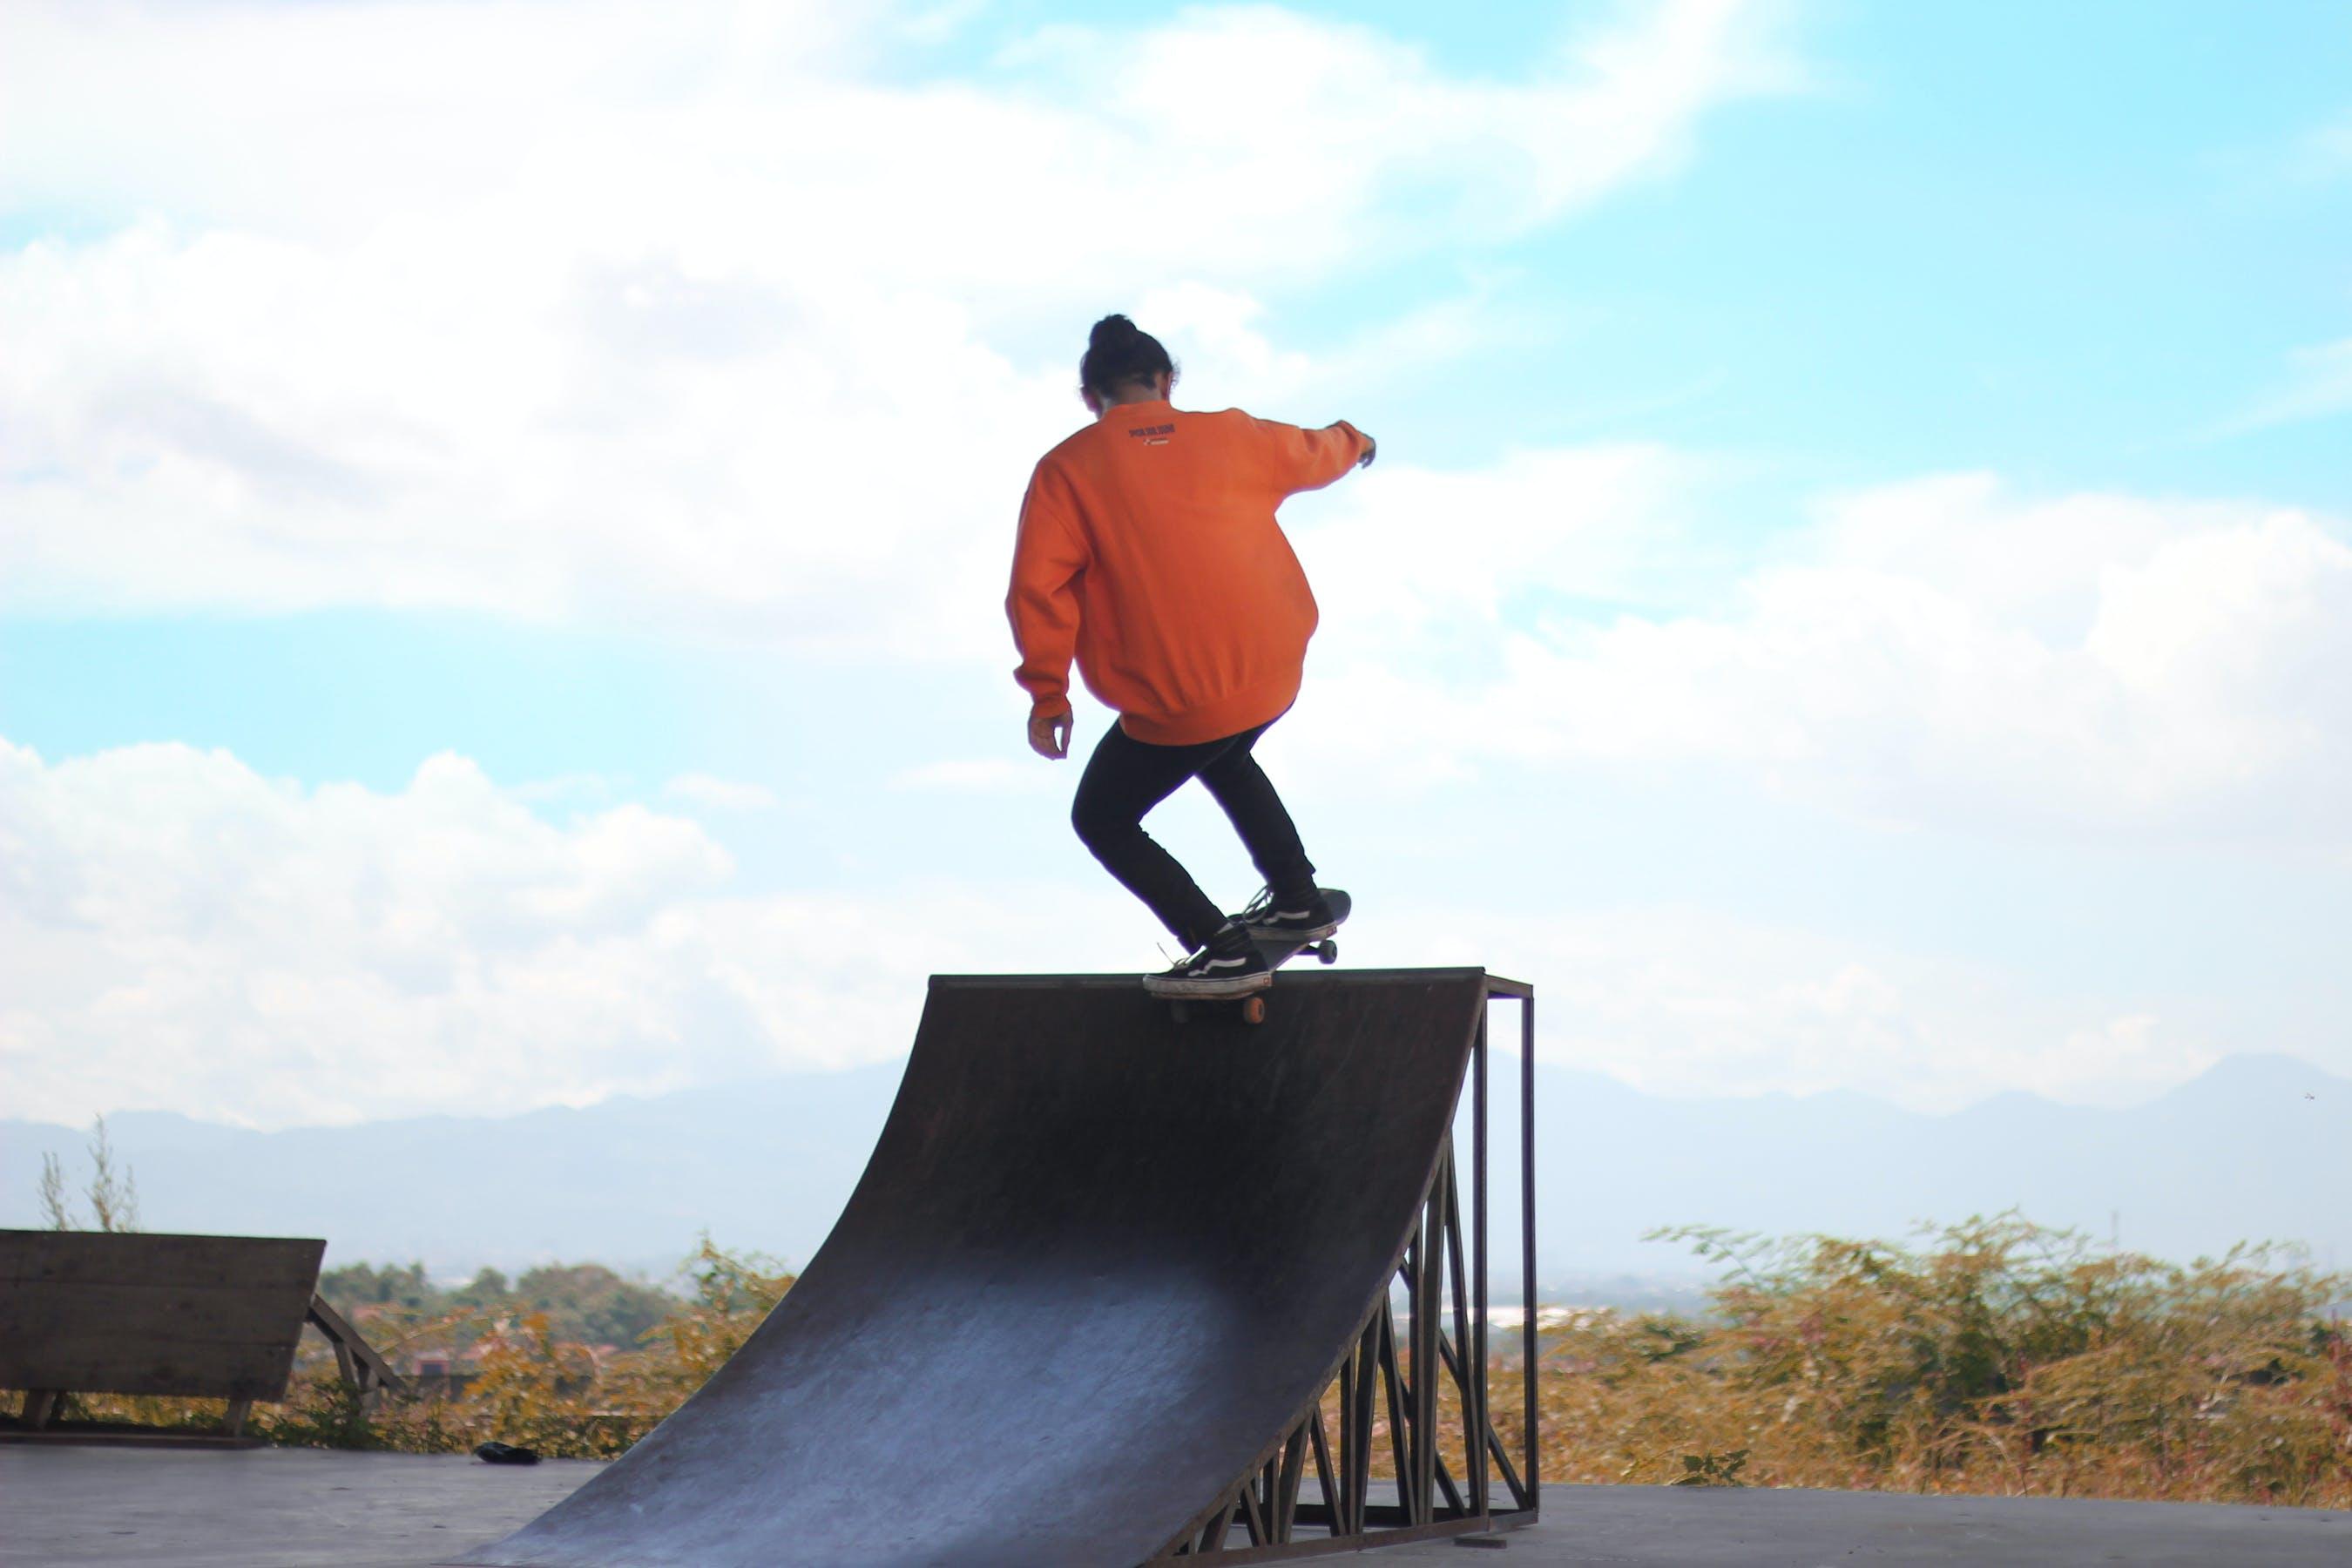 Základová fotografie zdarma na téma aktivita, denní světlo, dodávky, jízda na skateboardu